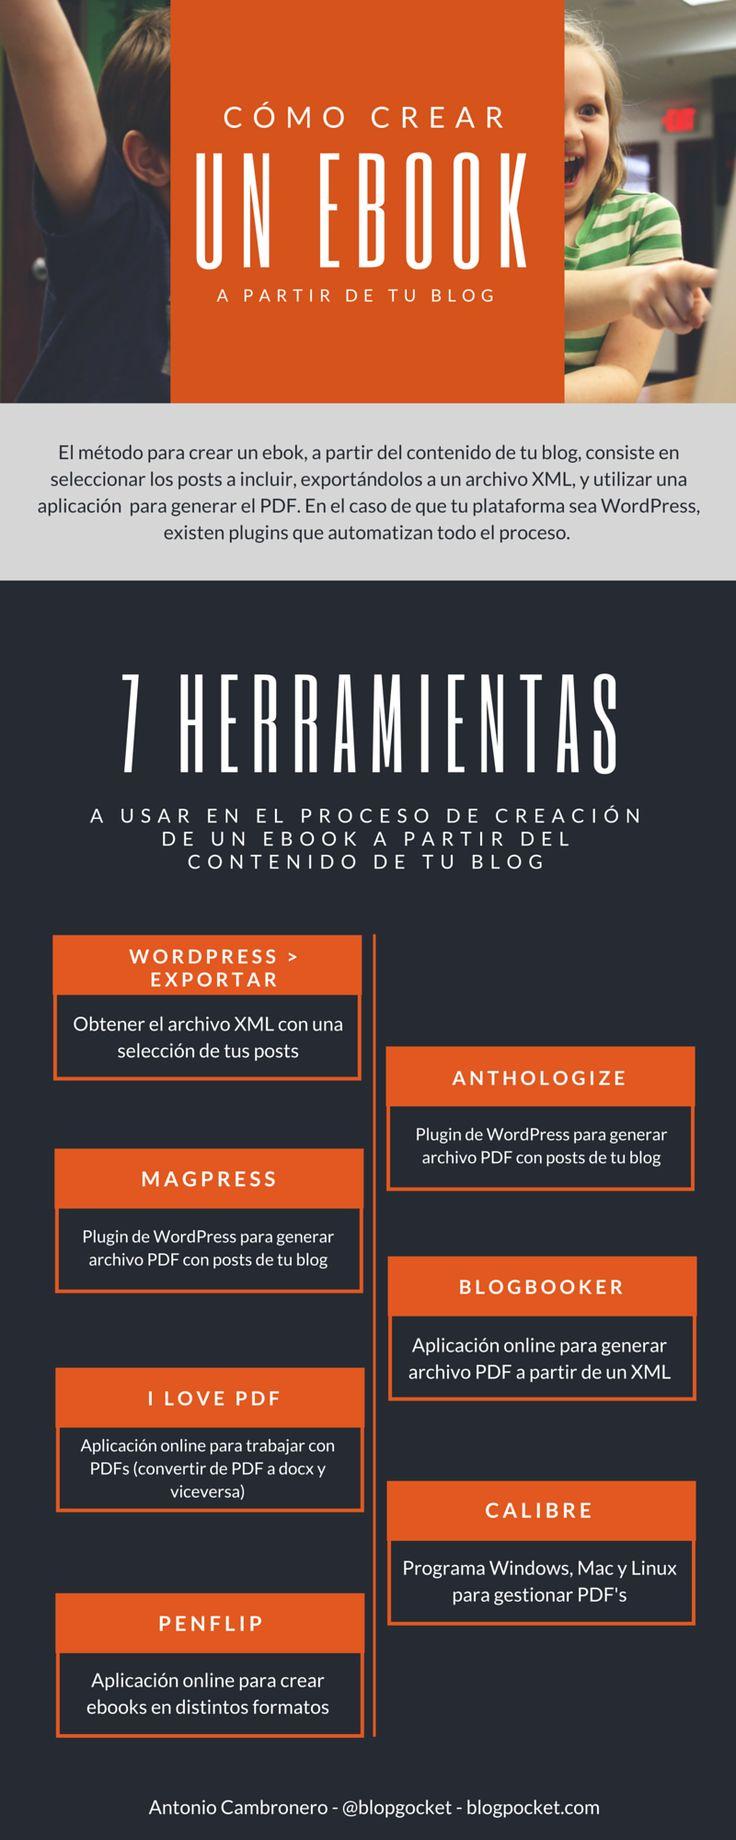 Infografía Cómo crear un ebook a partir de tu blog